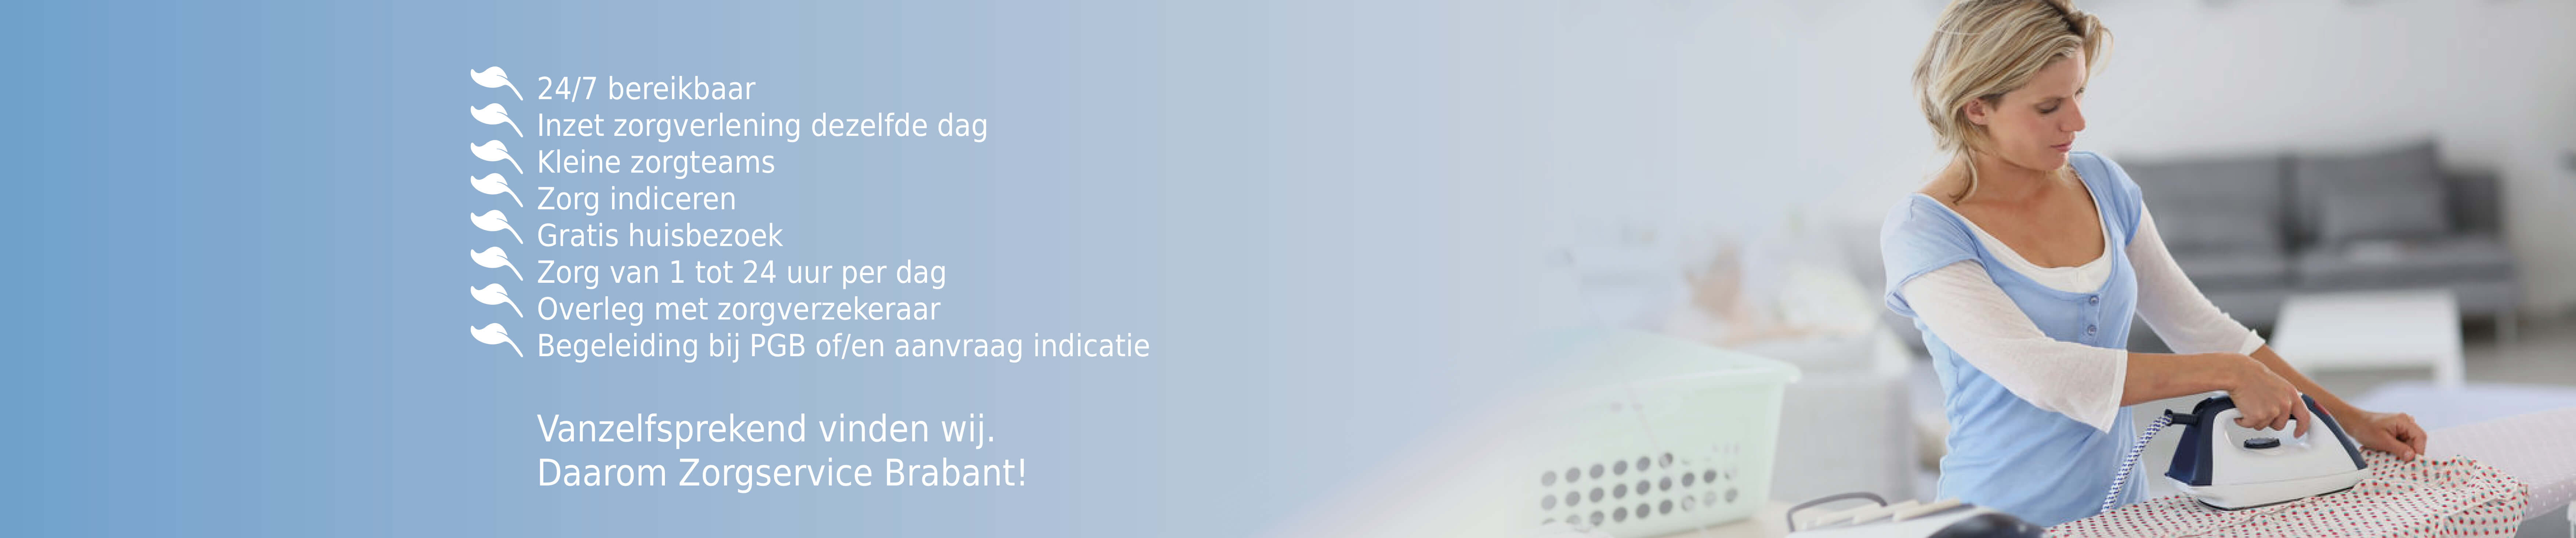 Zorgservice Brabant website verbeteringen 2